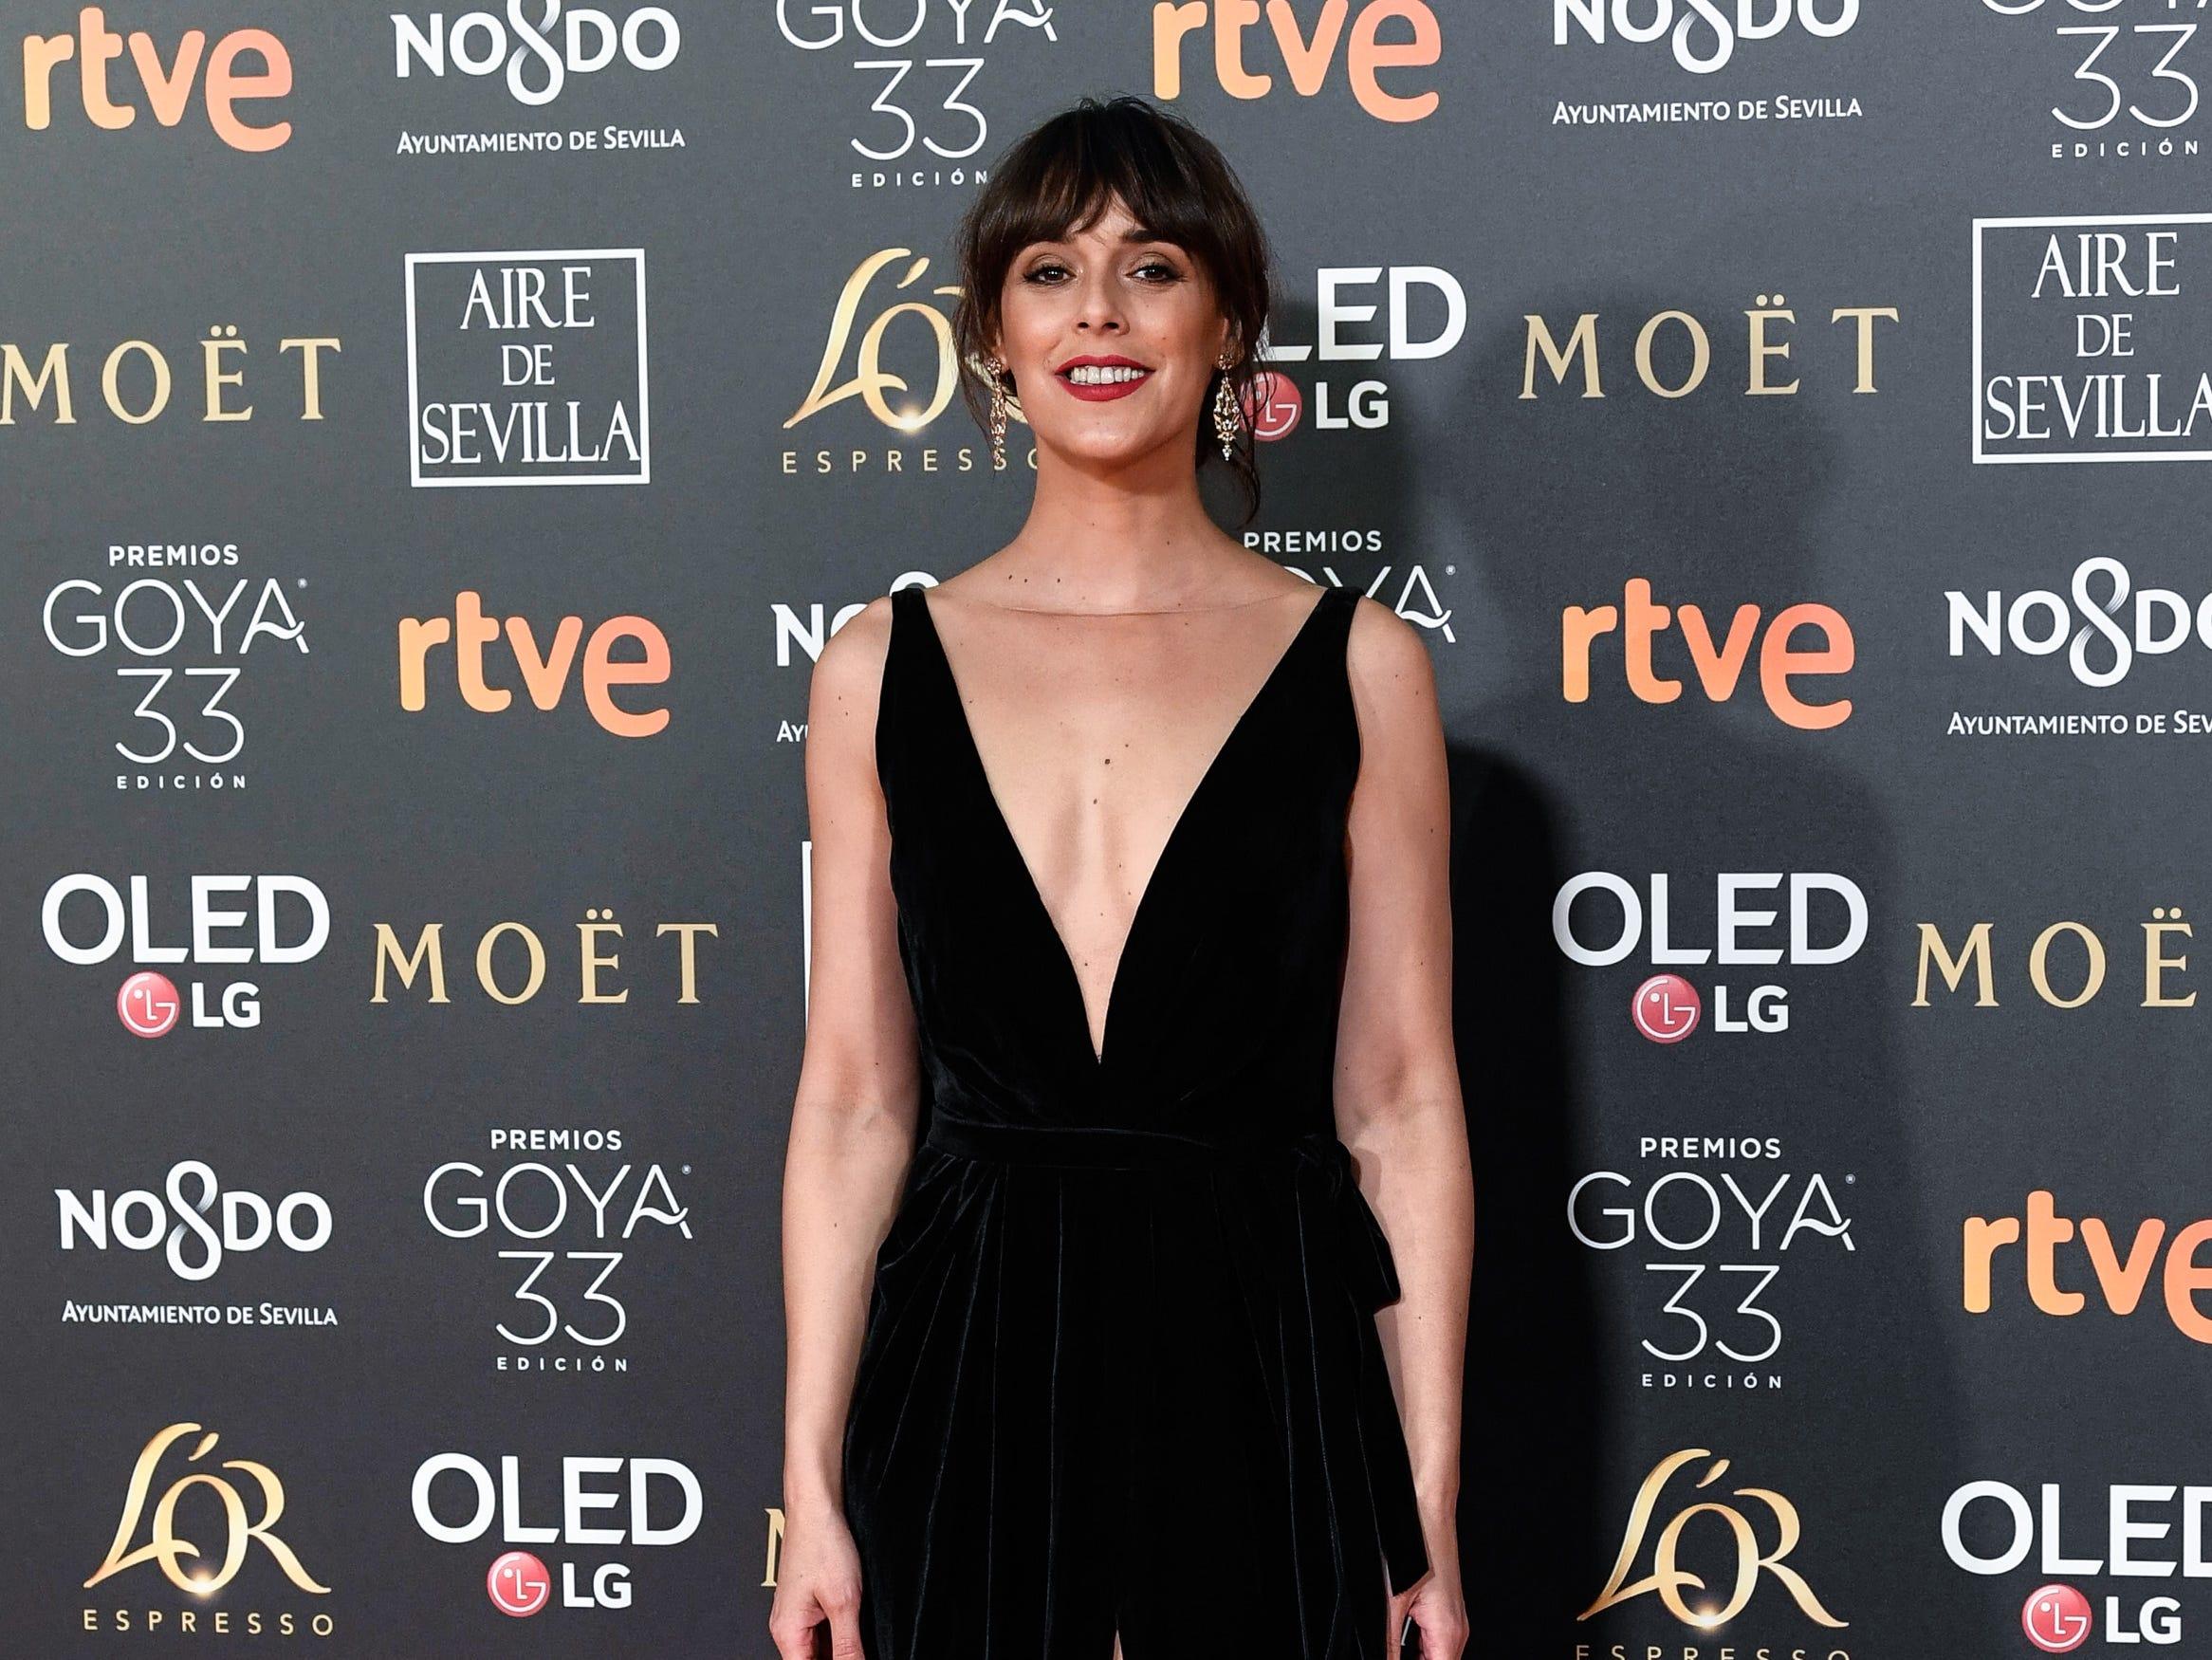 Belén Cuesta asiste a la 33ª edición de los Premios de Cine Goya en el Palacio de Congresos y Exposiciones FIBES el 2 de febrero de 2019 en Sevilla, España.